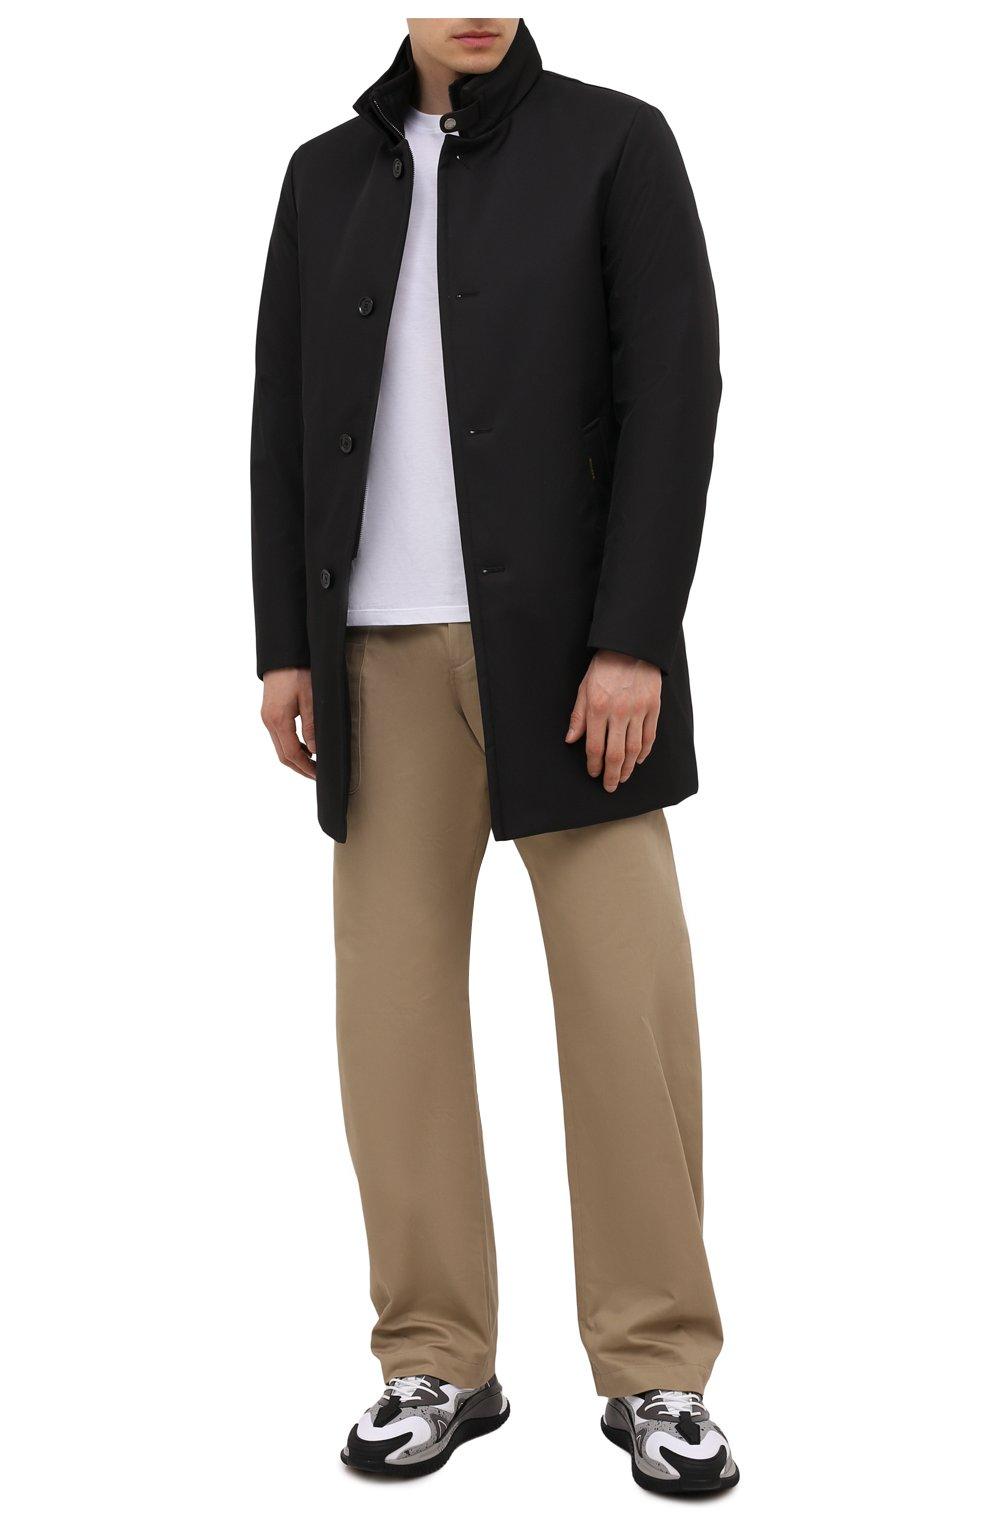 Мужская пуховик bond-wi MOORER черного цвета, арт. B0ND-WI/M0UGI100130-TEPA227   Фото 2 (Кросс-КТ: Куртка; Мужское Кросс-КТ: пуховик-короткий; Рукава: Длинные; Длина (верхняя одежда): До середины бедра; Материал внешний: Синтетический материал; Стили: Классический; Материал подклада: Синтетический материал; Материал утеплителя: Пух и перо)